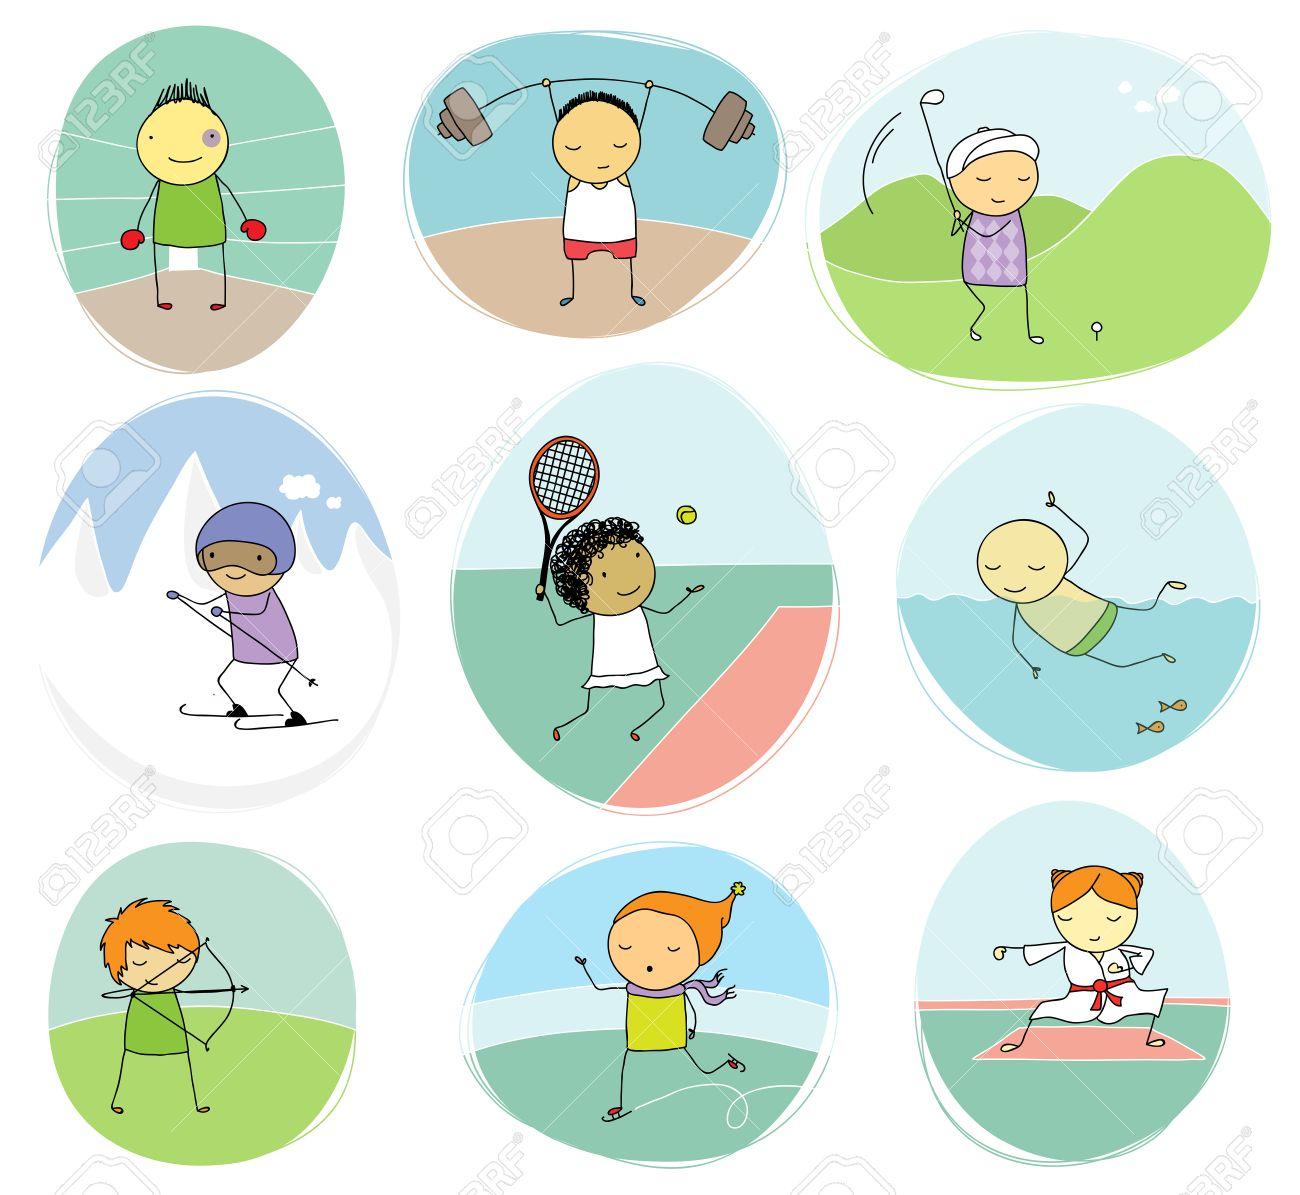 5fcb0d3af5aa7 Conjunto de la ilustración ingenua de los niños que juegan diferentes deportes  individuales Foto de archivo